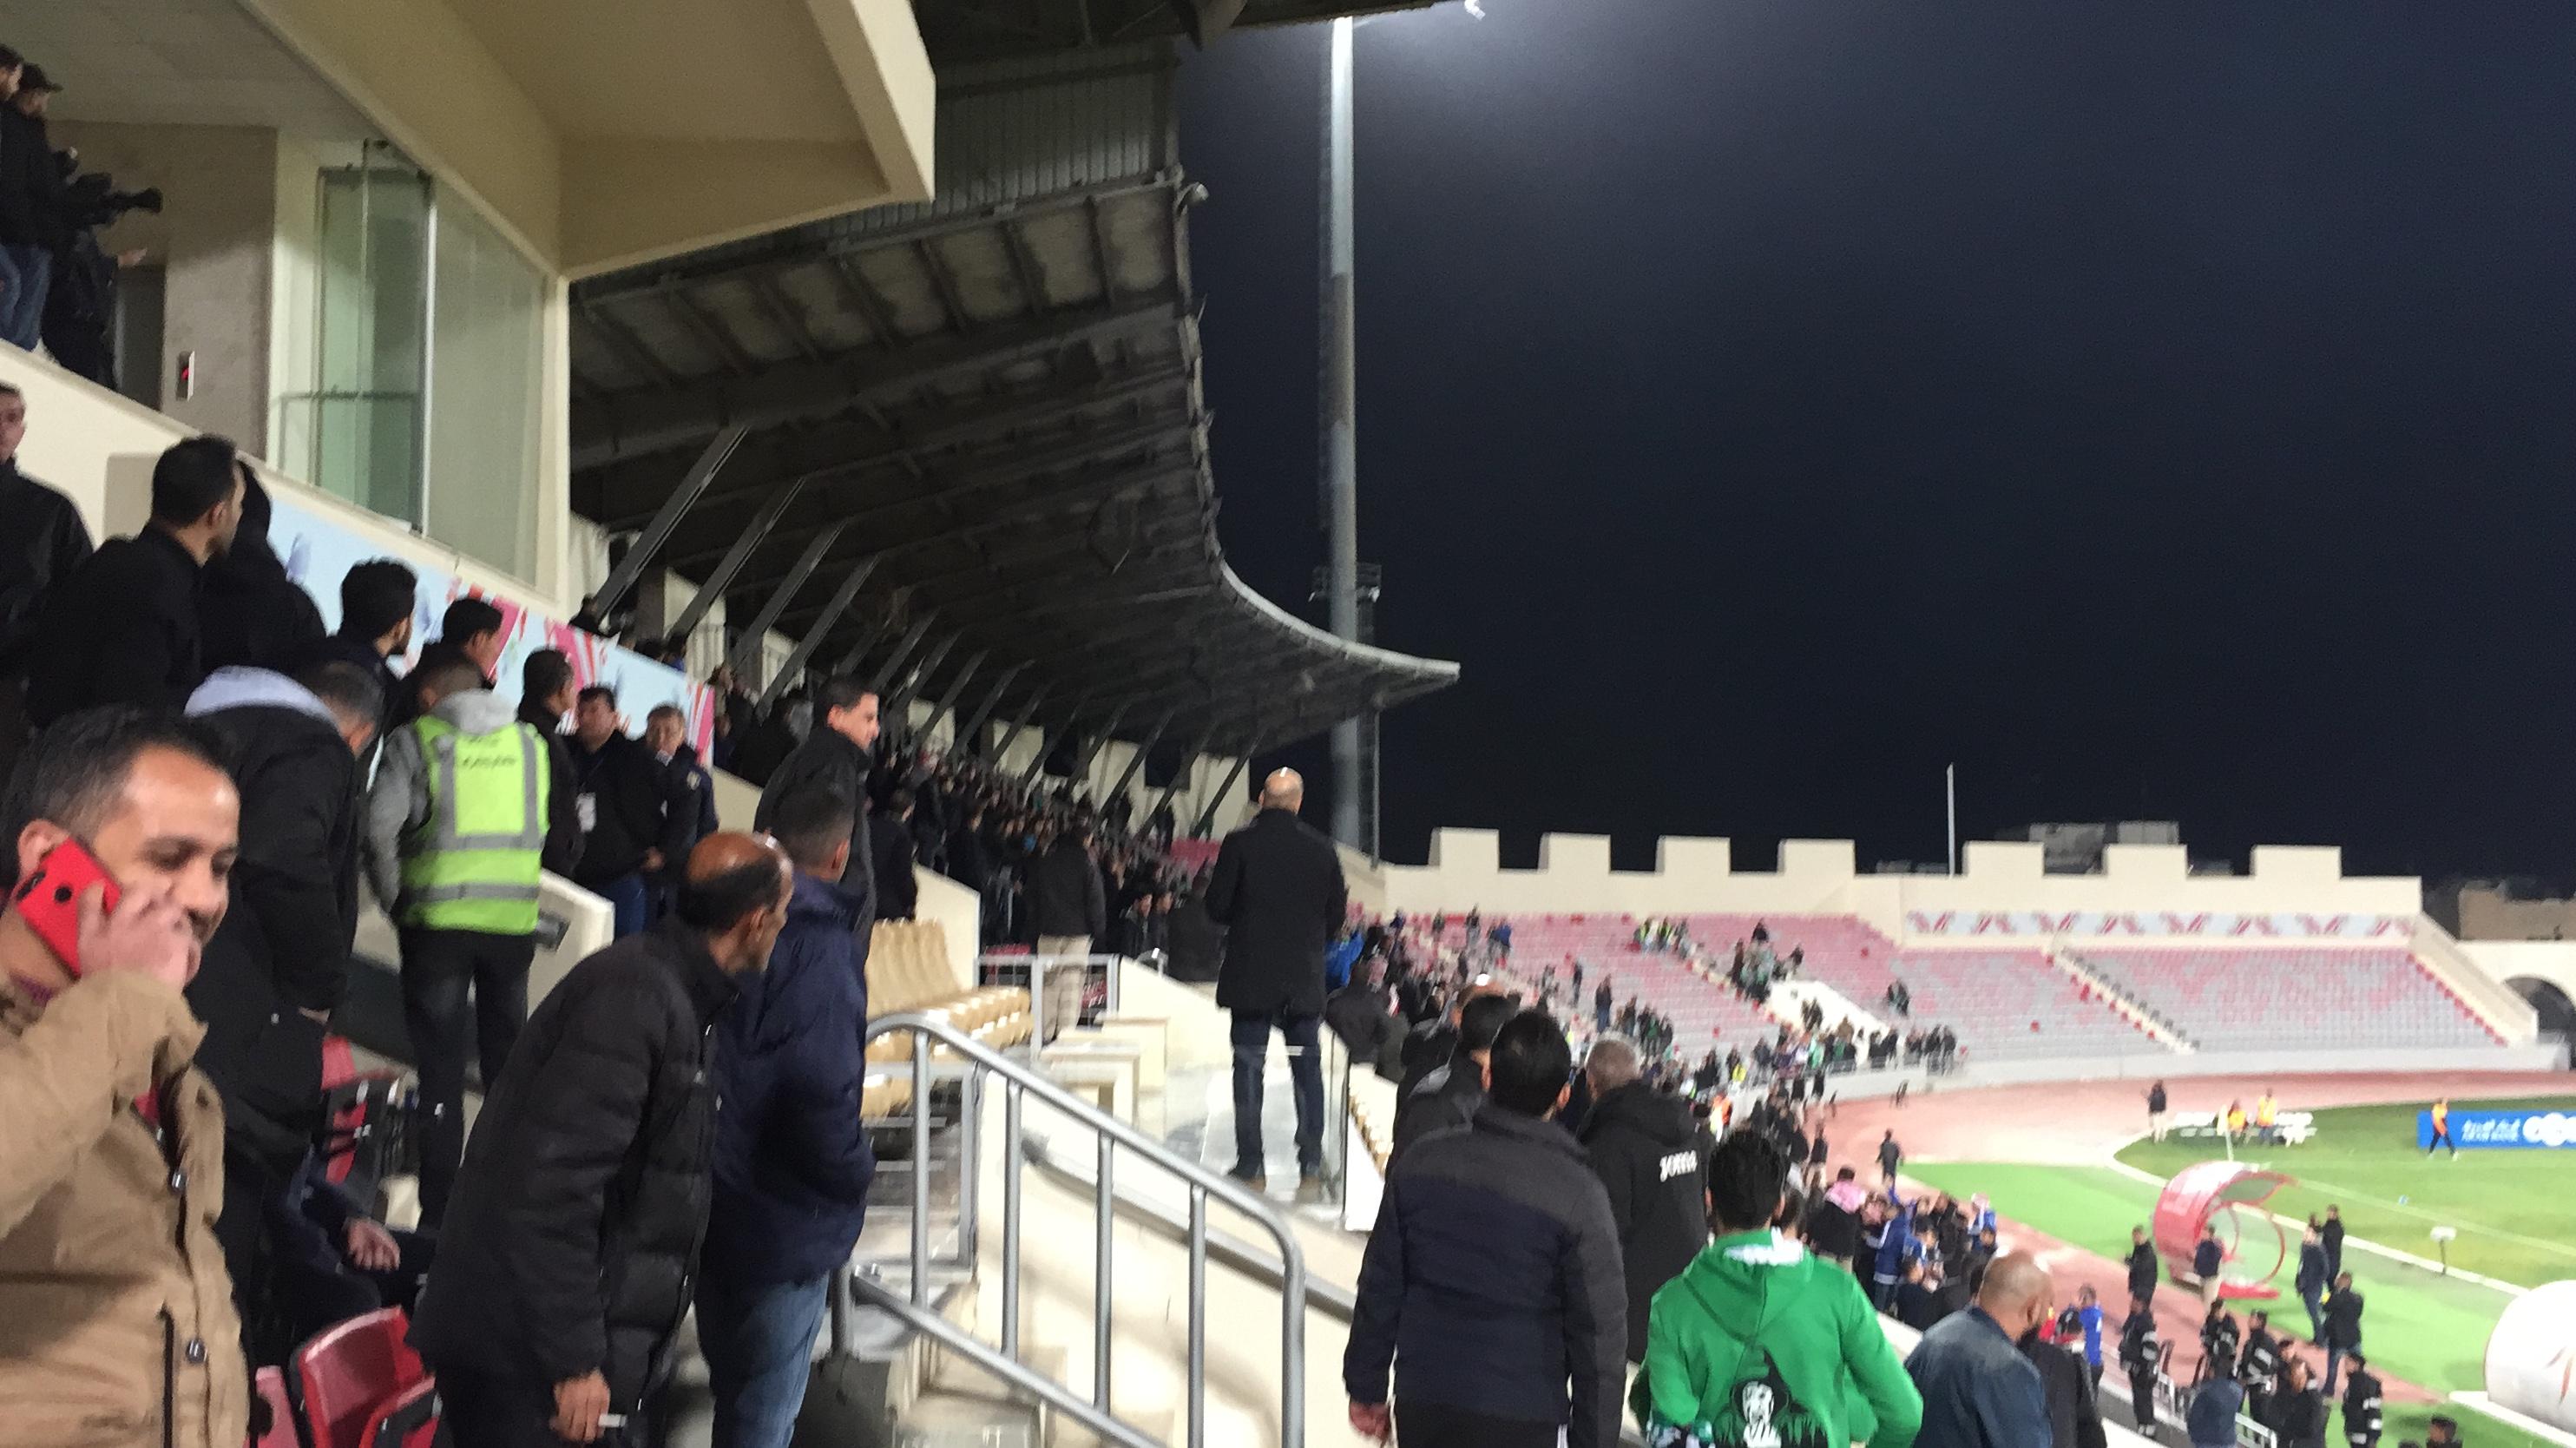 نادي الوحدات لسرايا : لن ندفع غرامة تكسير كراسي ملعب القويسمة لأمانة عمّان  - وثيقة